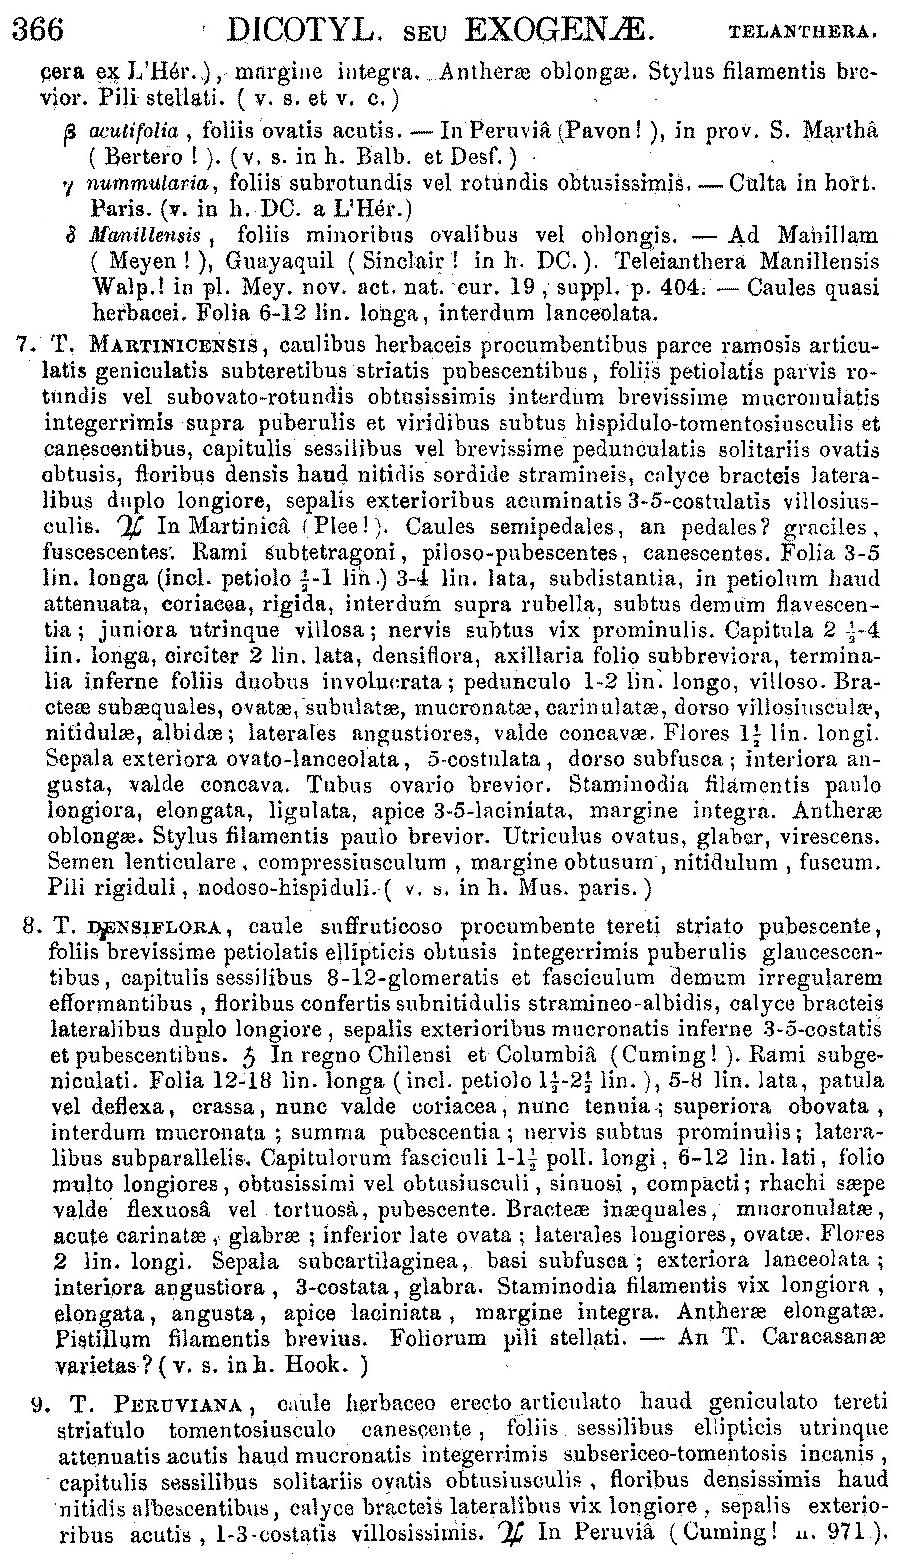 https://forum.plantarium.ru/misc.php?action=pun_attachment&item=27441